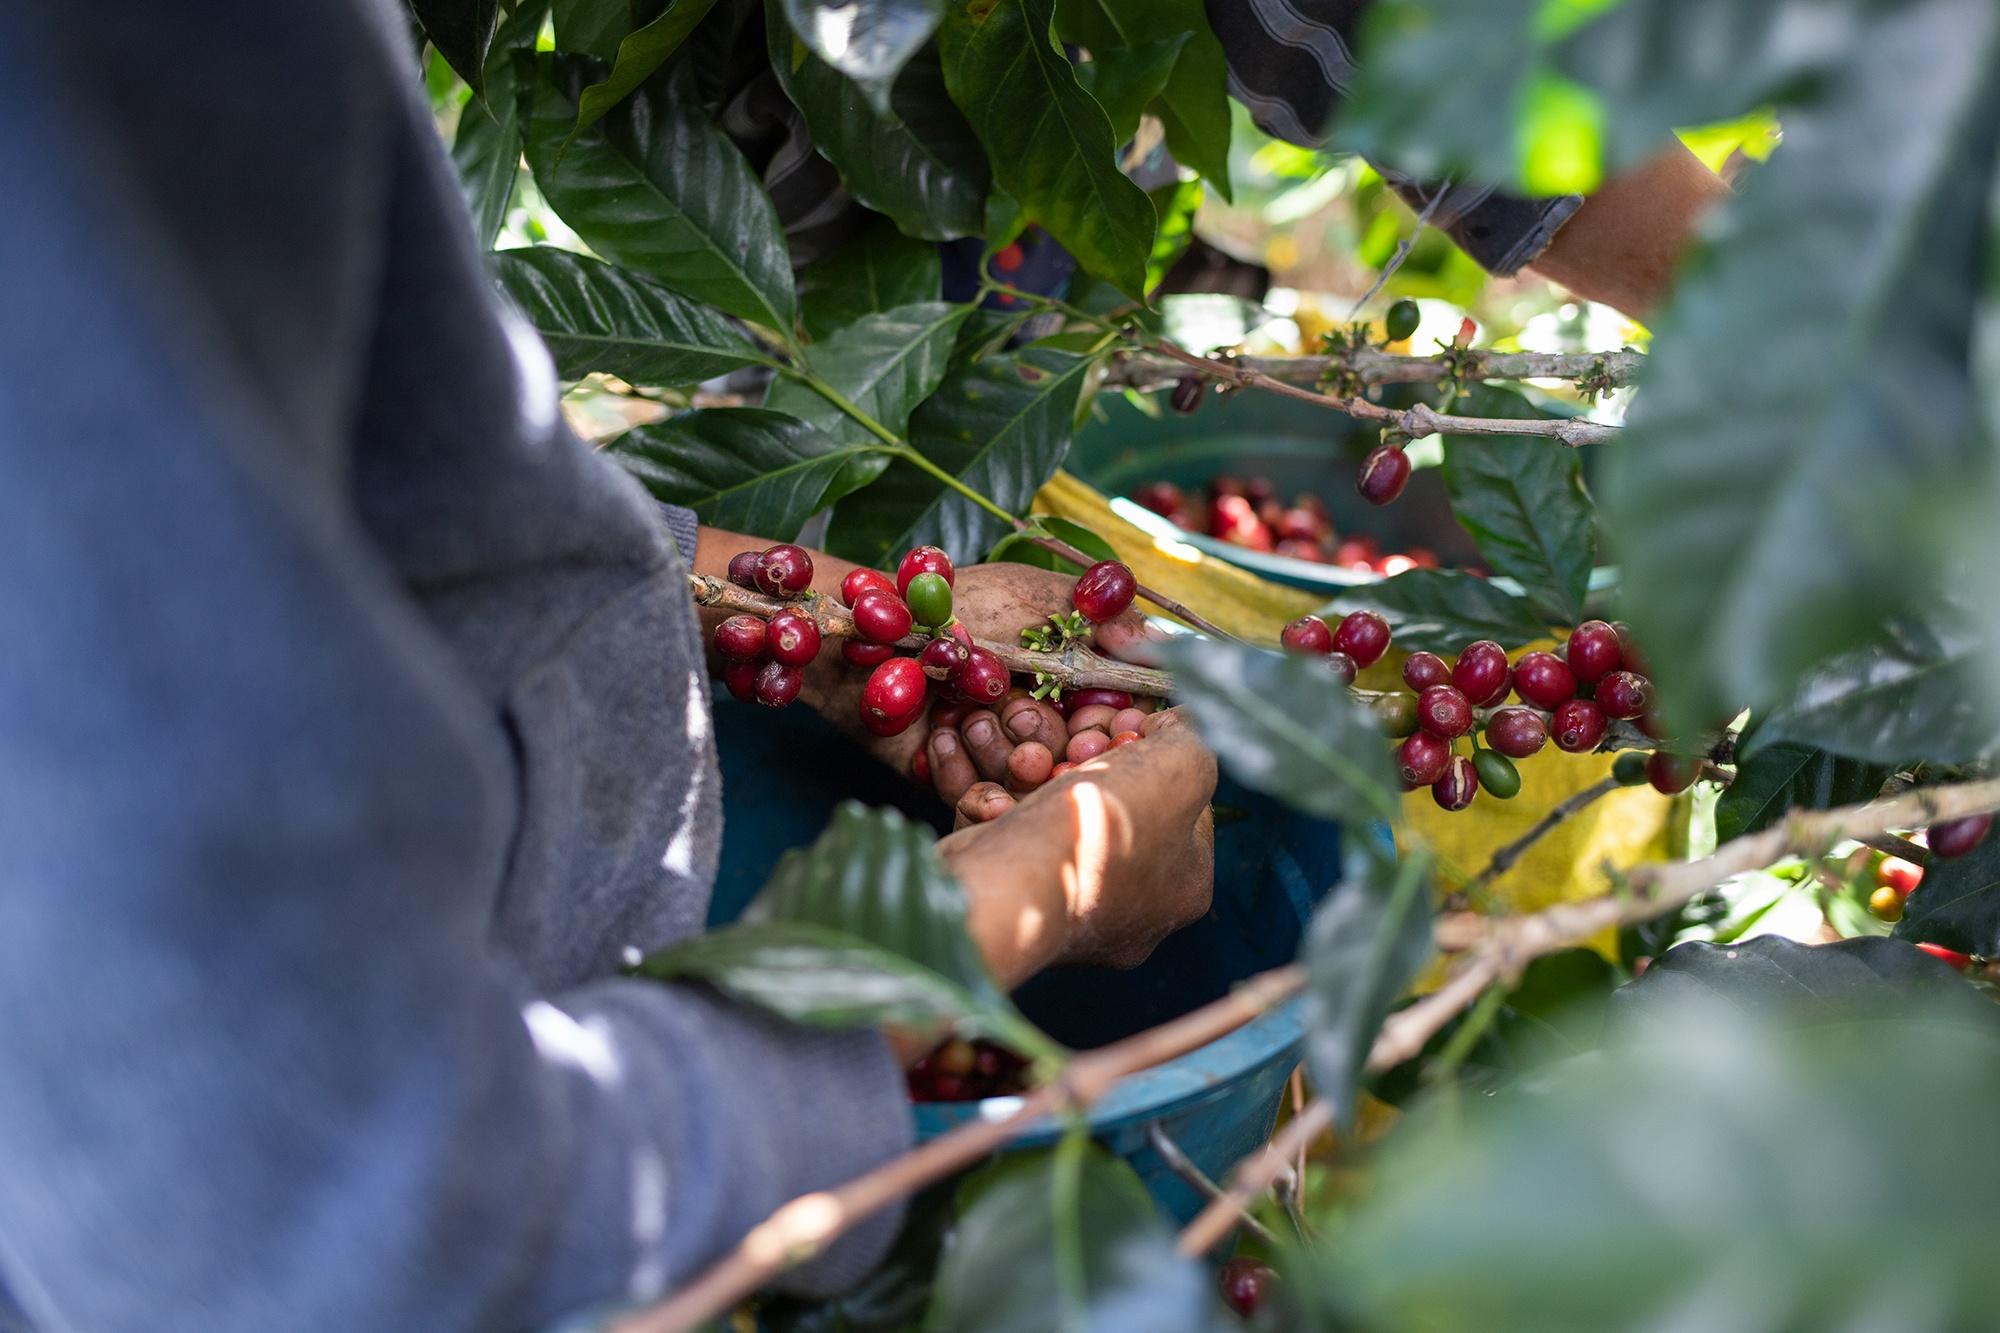 En las plantaciones de café en las montañas de Copán, los niños que se incorporan a la cosecha obtienen el mismo salario que los adultos: 2.40 lempiras por libra de café en uva. Corquín, Copán, 27 de febrero de 2021. Foto: Martín Cálix.